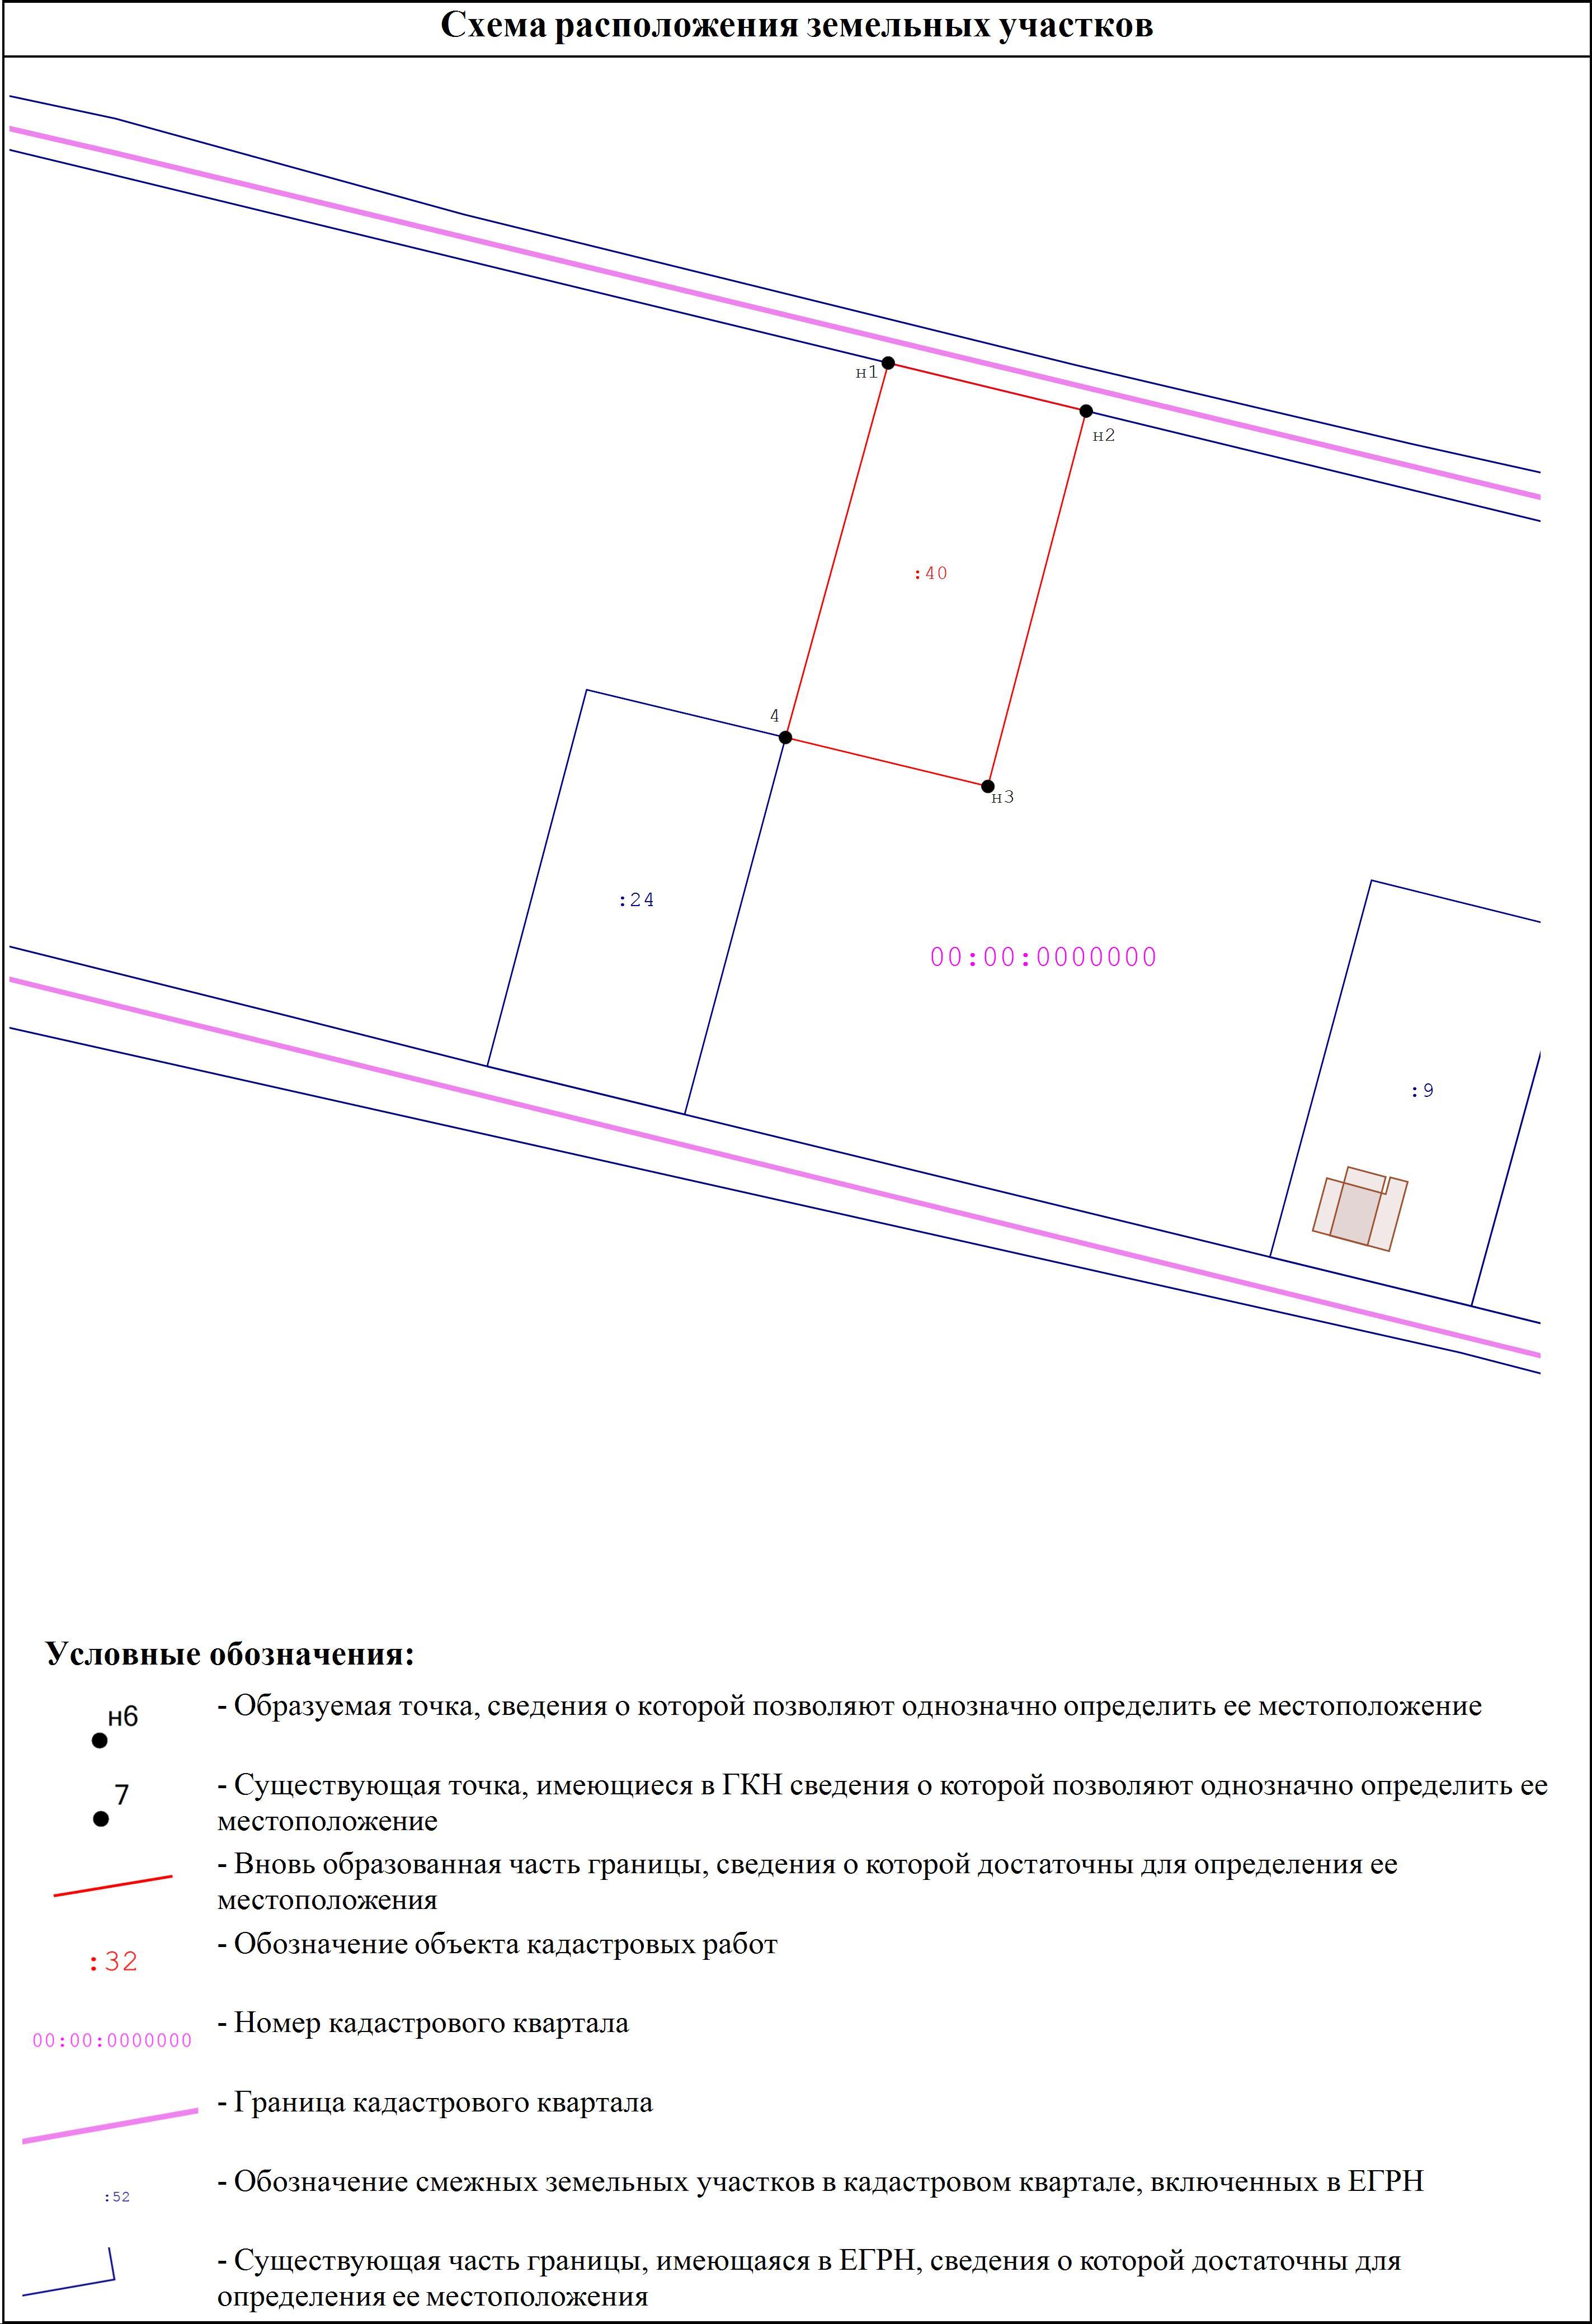 Межевание дачного участка: понятие, особенности и порядок проведения